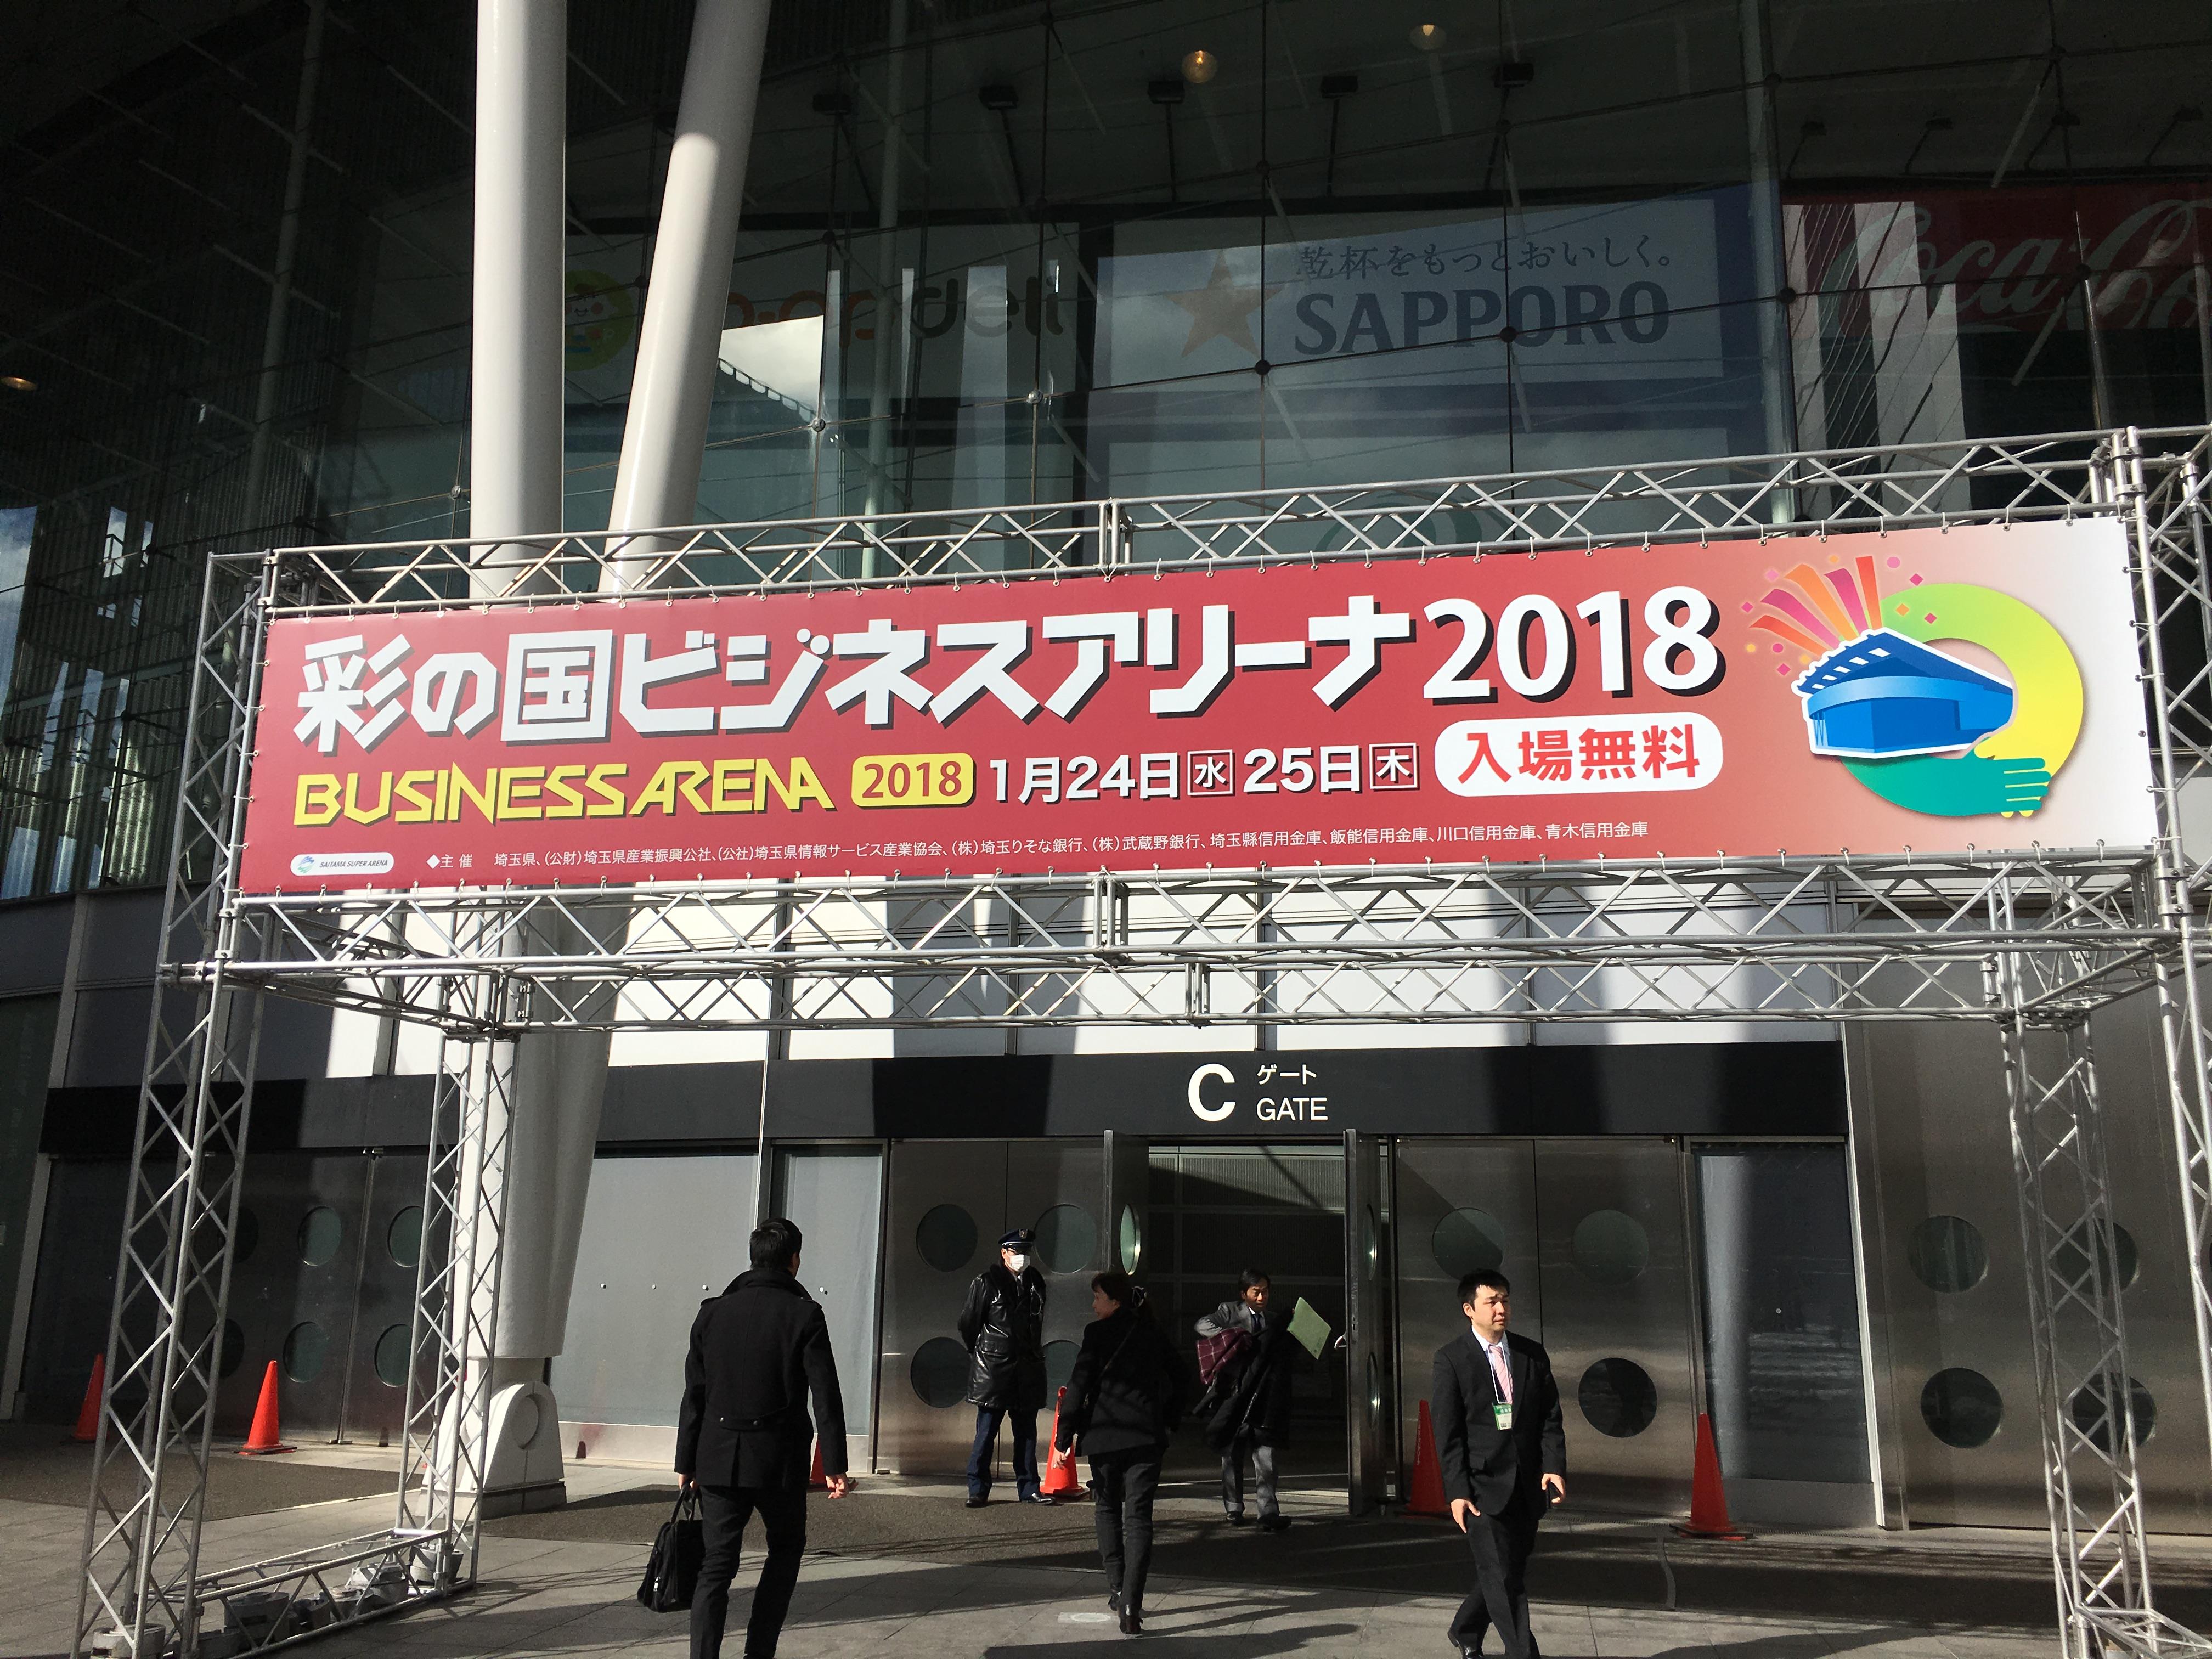 彩の国ビジネスアリーナ2018 イーレンジャー株式会社